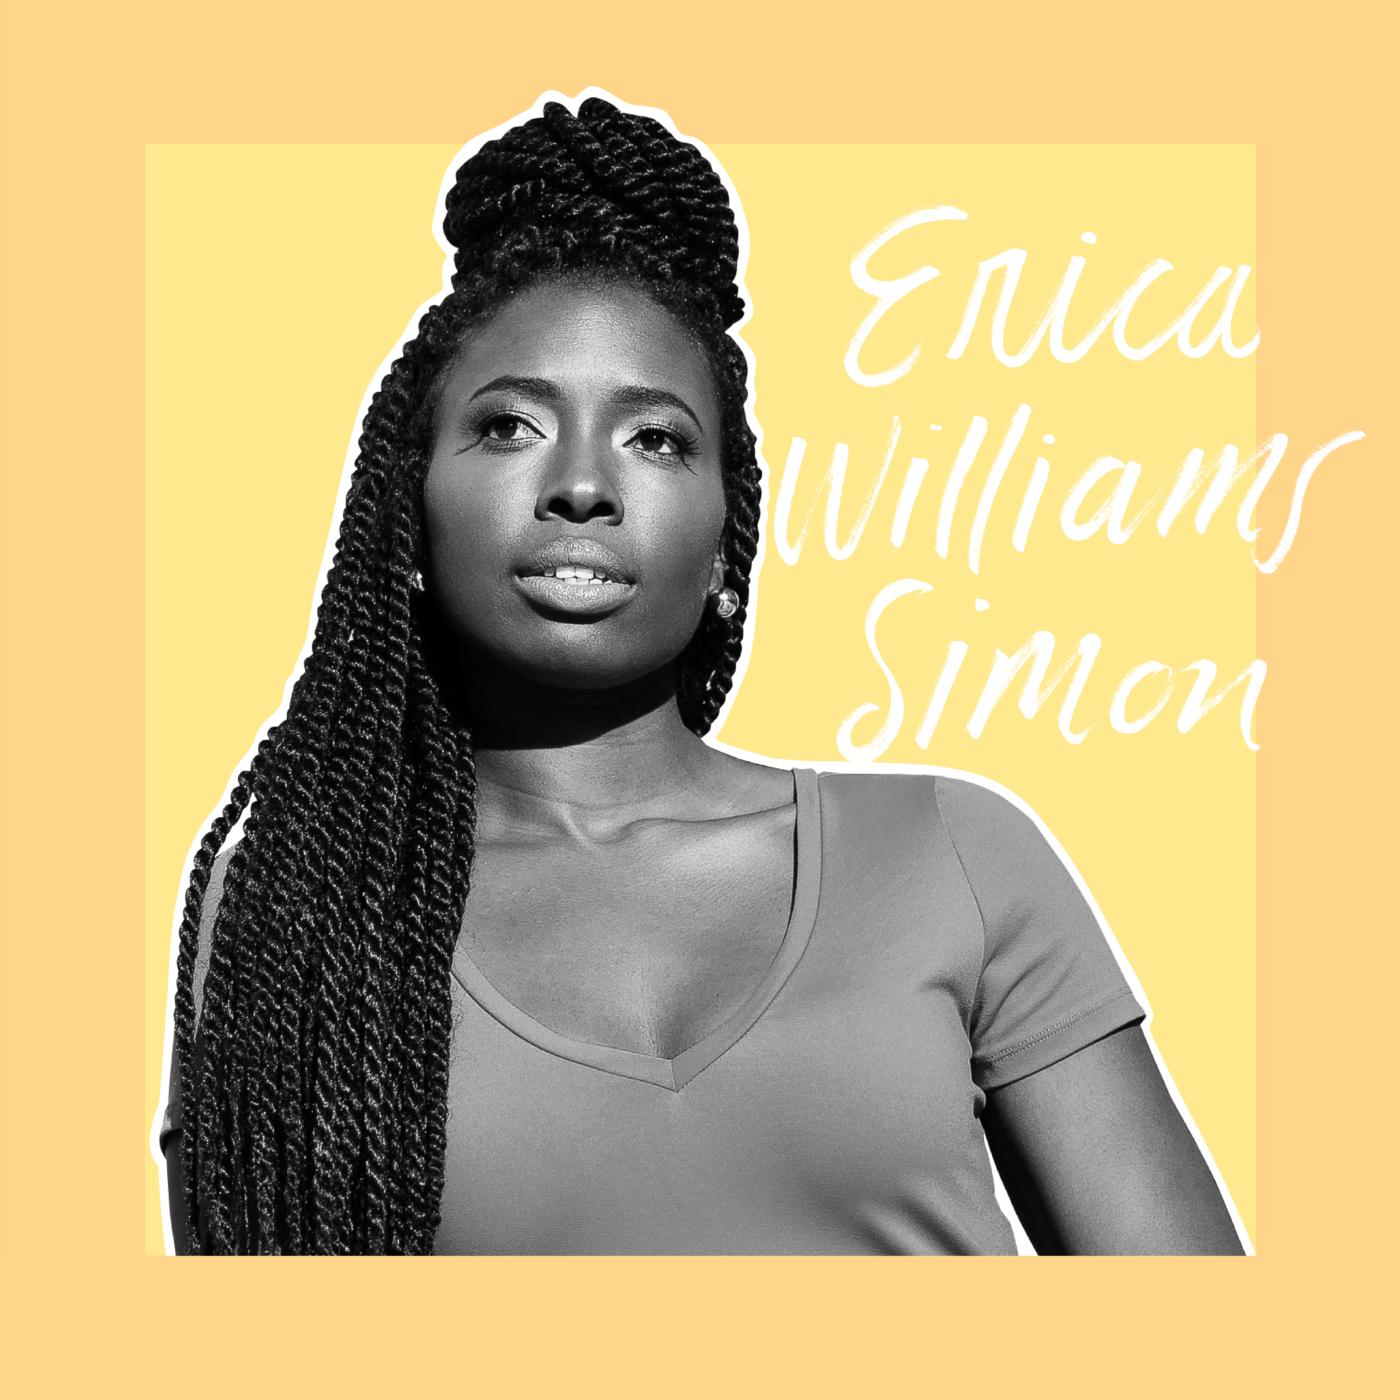 The-Call-Podcast-Erica-Williams-Simon-Interview-Women-Fashion-Kate-Barnett-President-Man-Repeller-02-e1495489221836.jpg